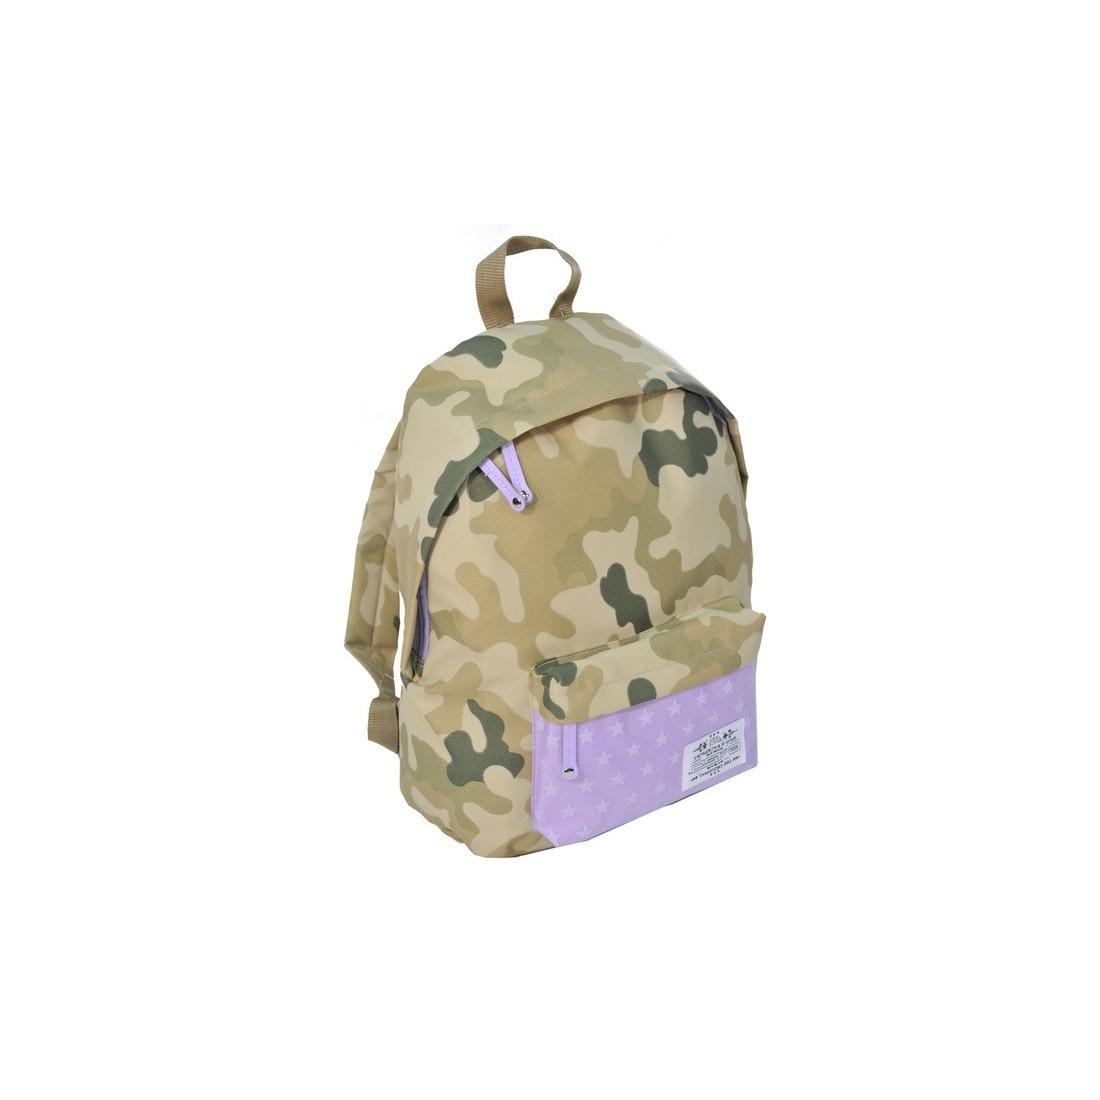 Plecak młodzieżowy Moro Khaki fioletowy w gwiazdki